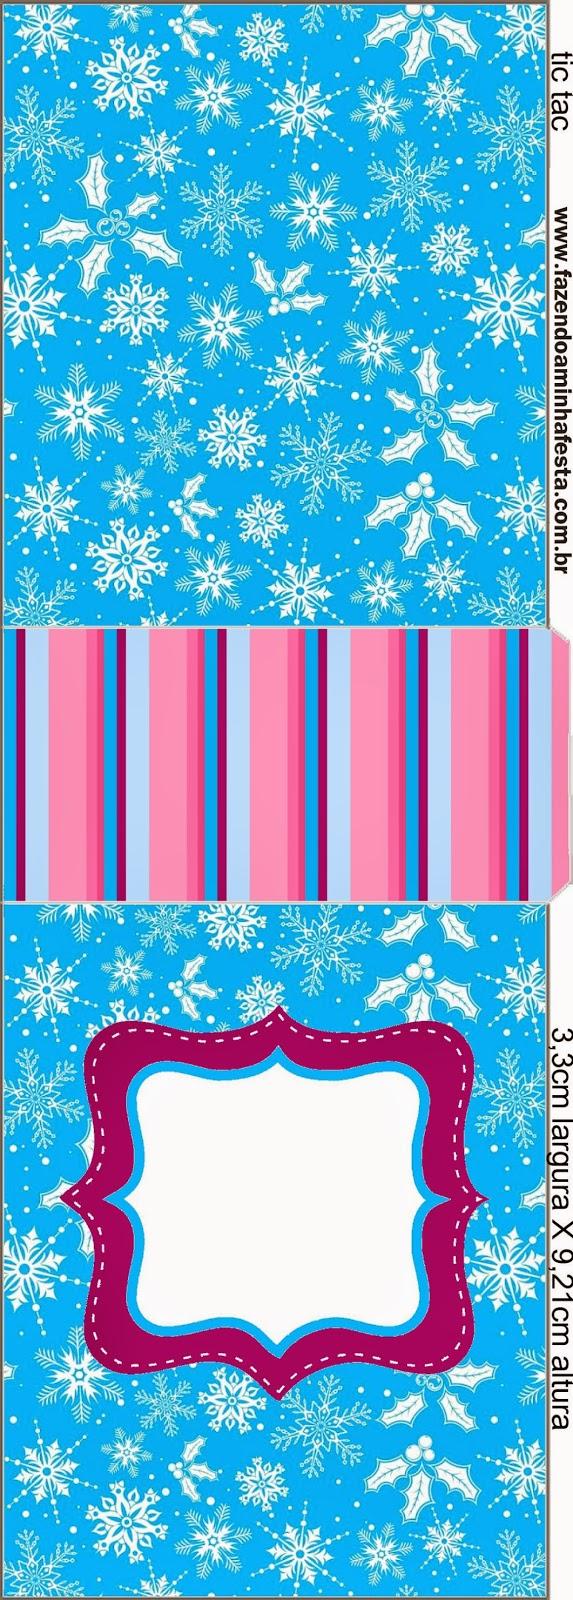 Etiqueta Tic Tac para imprimir gratis de Frozen en Morado y Celeste para Navidad.